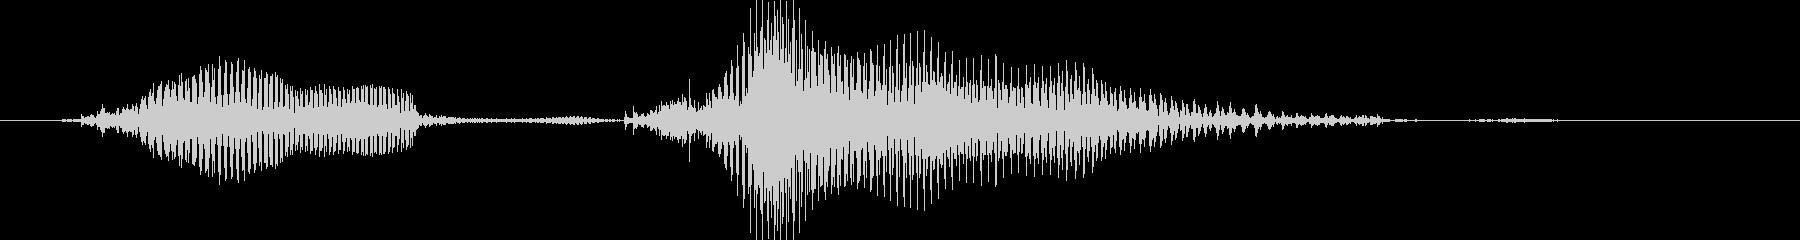 グッジョブ!の未再生の波形